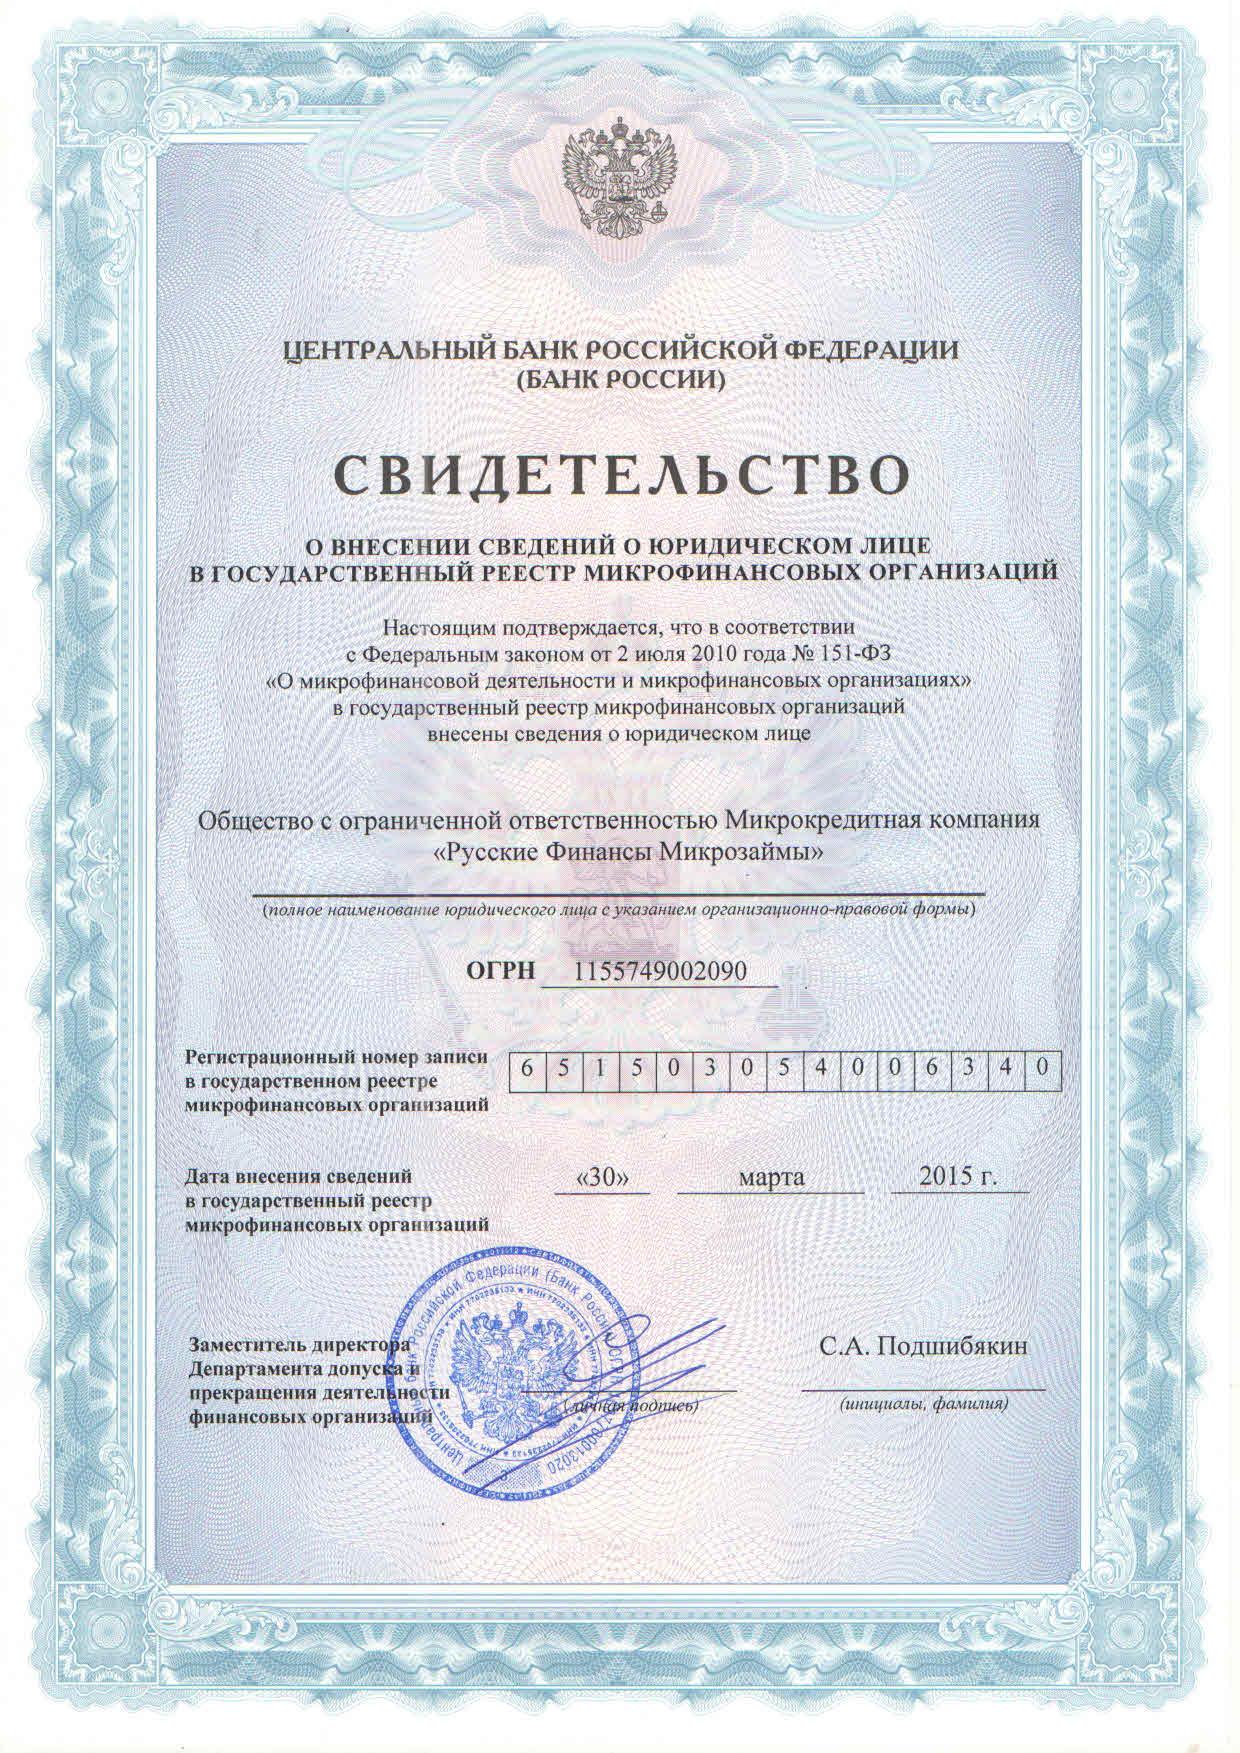 Свидетельство о внесении сведений о юридическом лице в государственный реестр микрофинансовых организаций